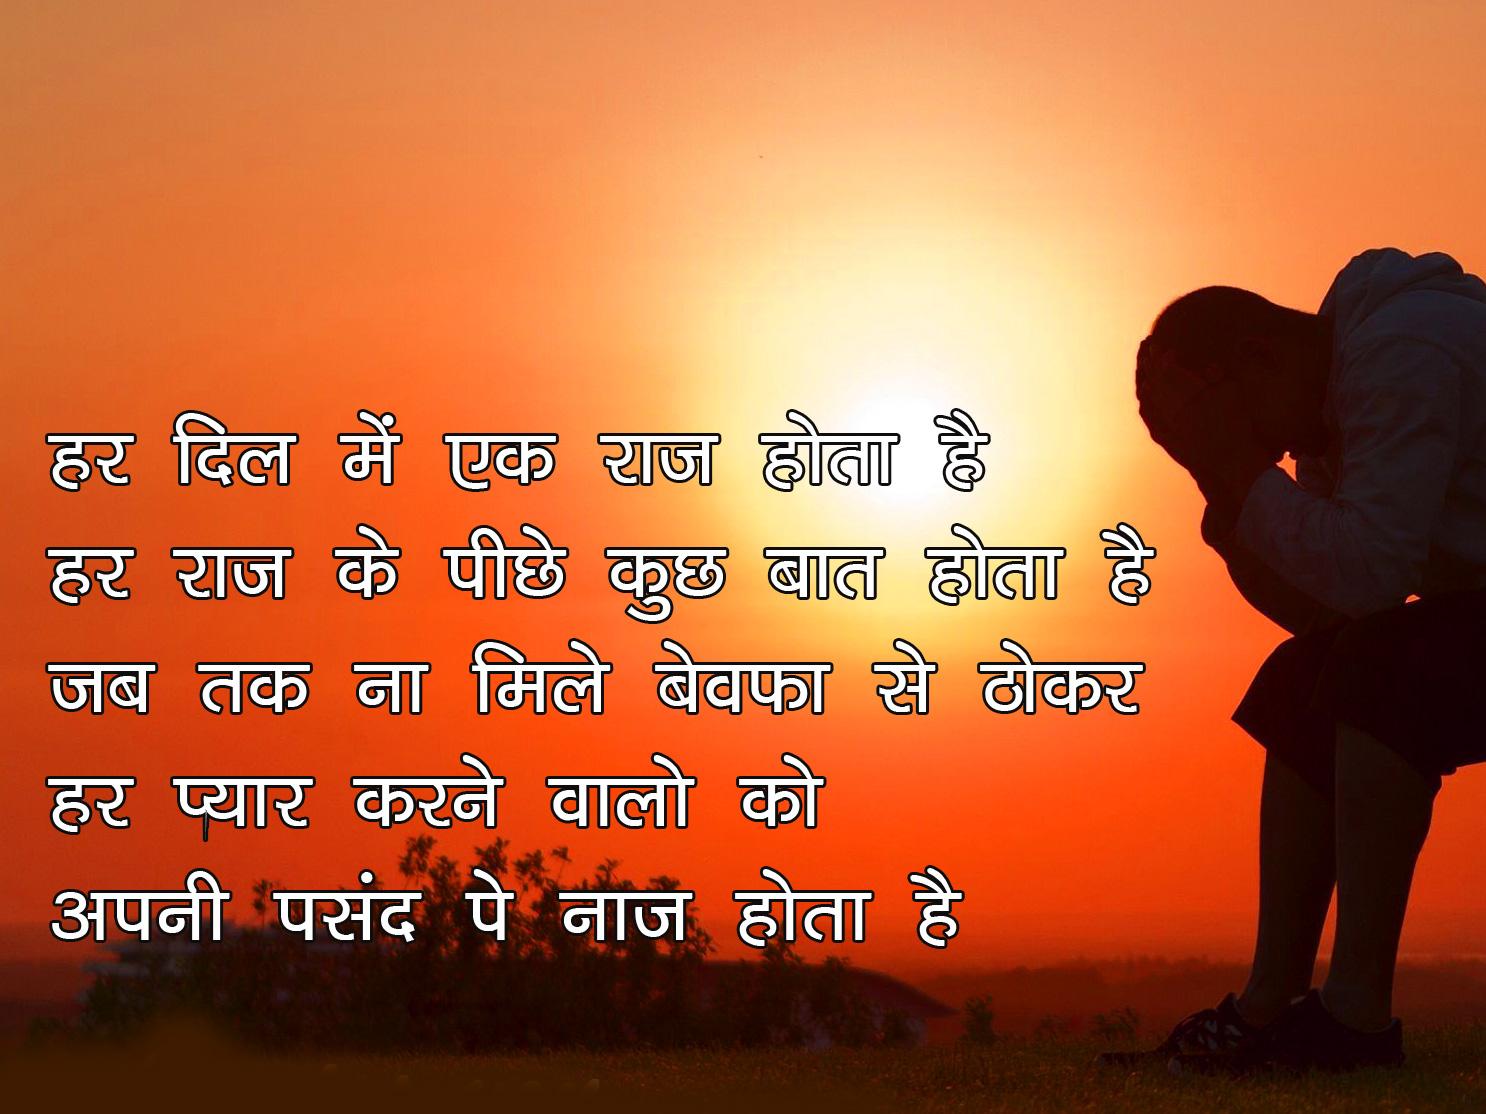 Har Dil Me Ek Raaj Hota Hai